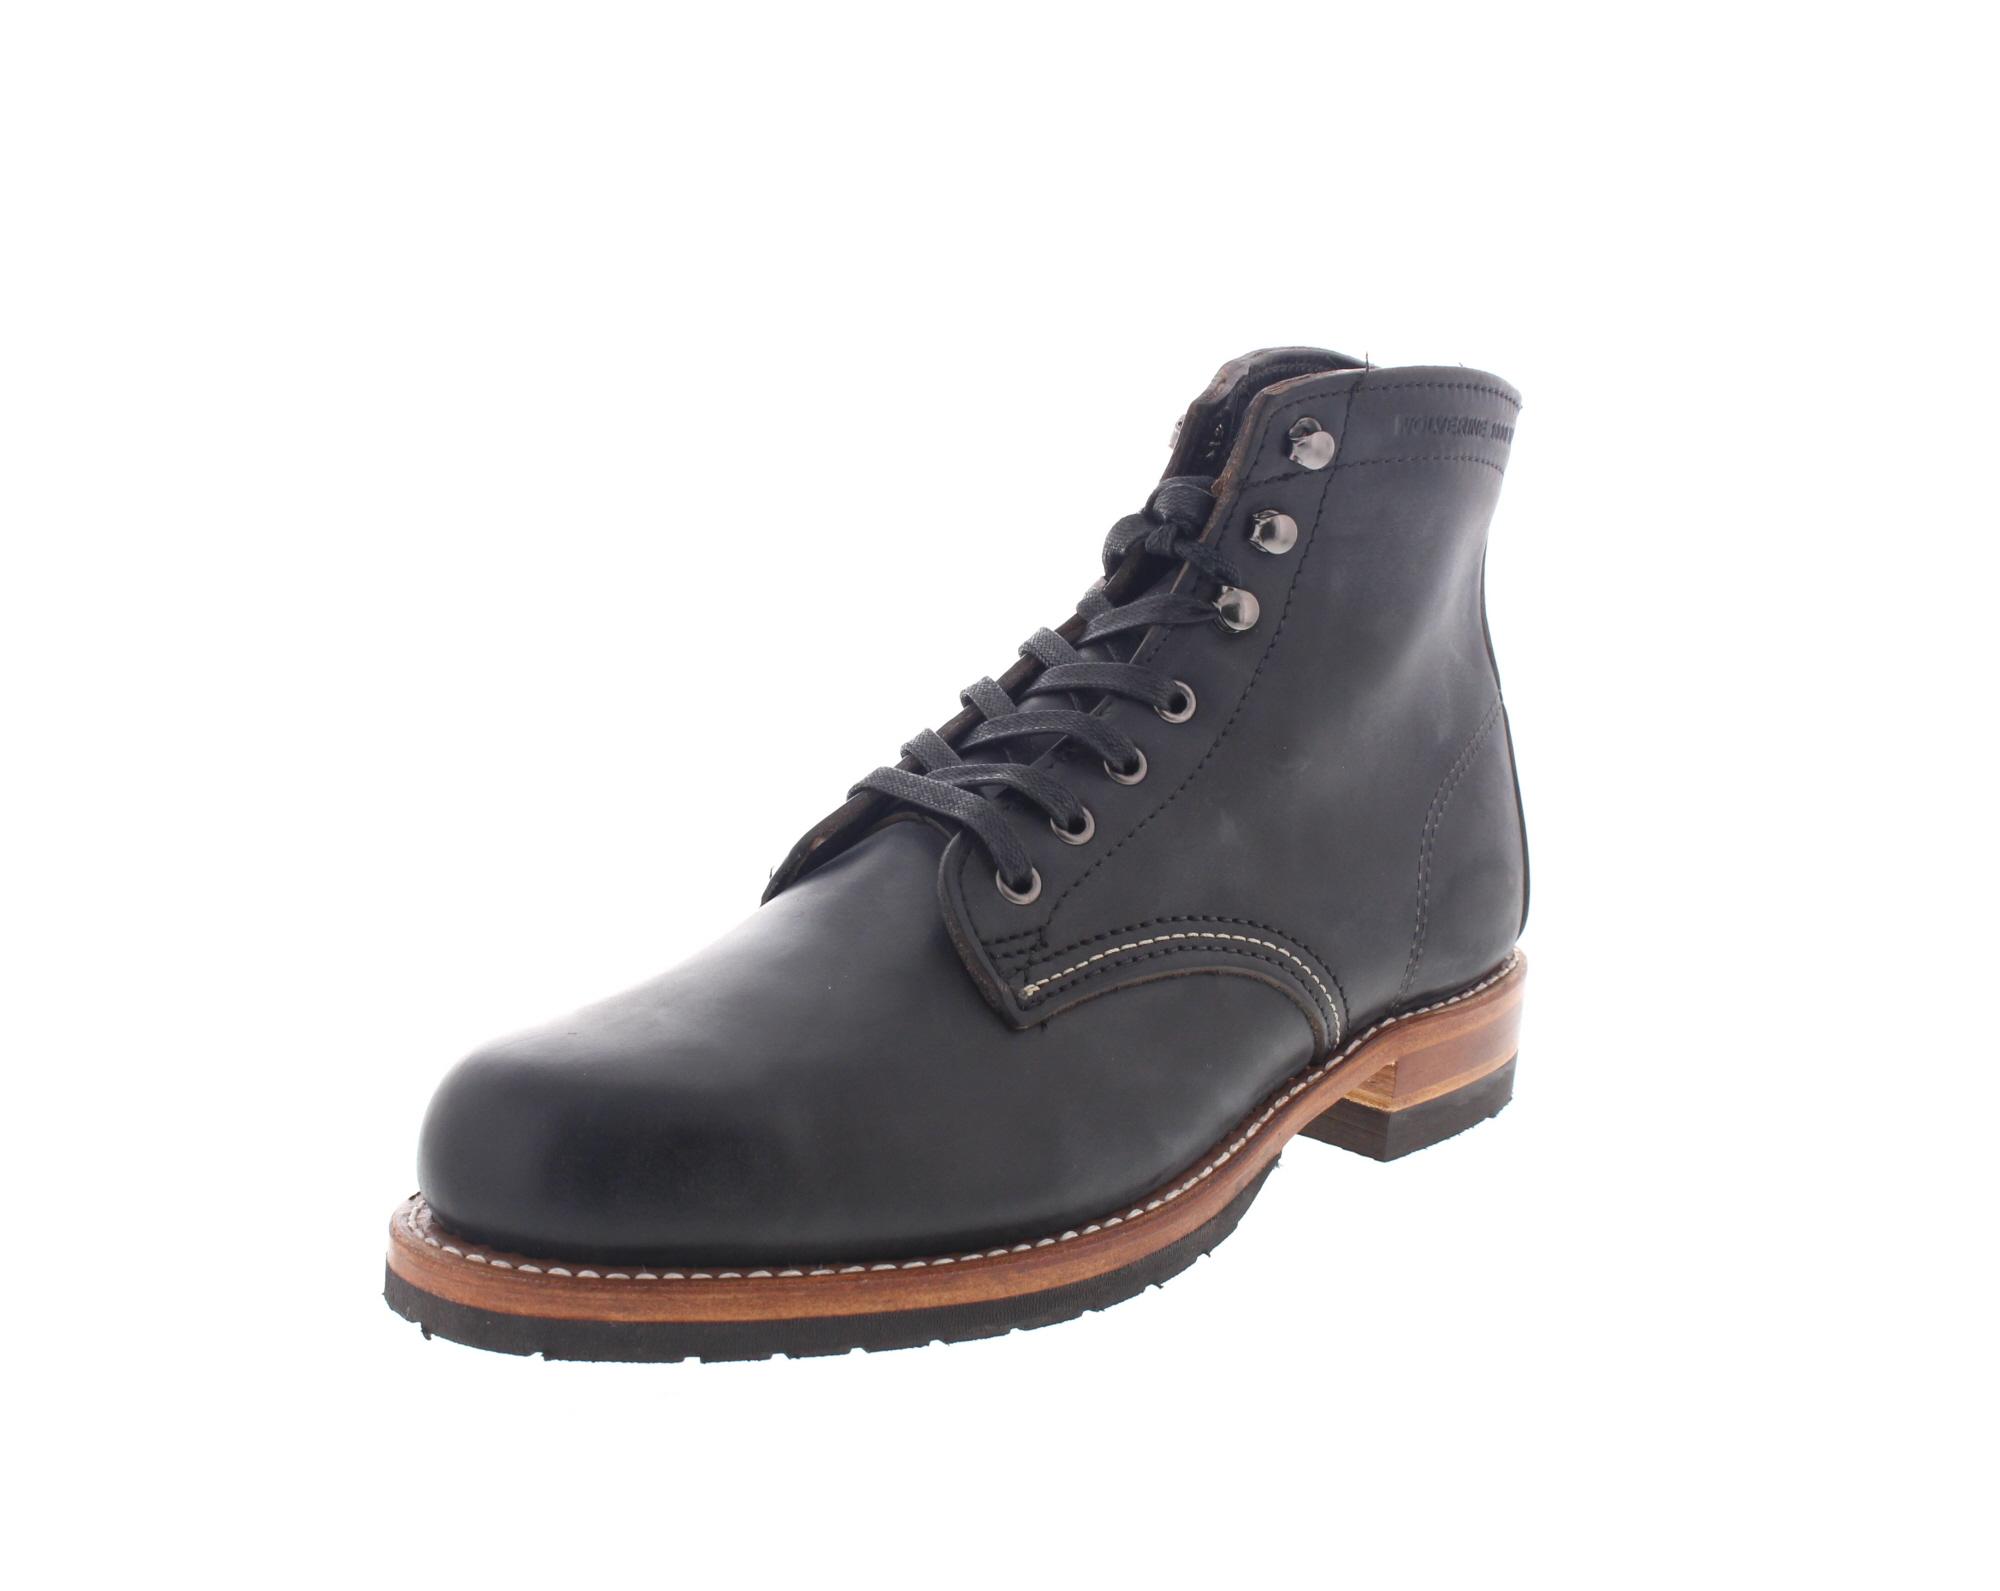 WOLVERINE 1000 Mile - Premium-Boots EVANS - black-0